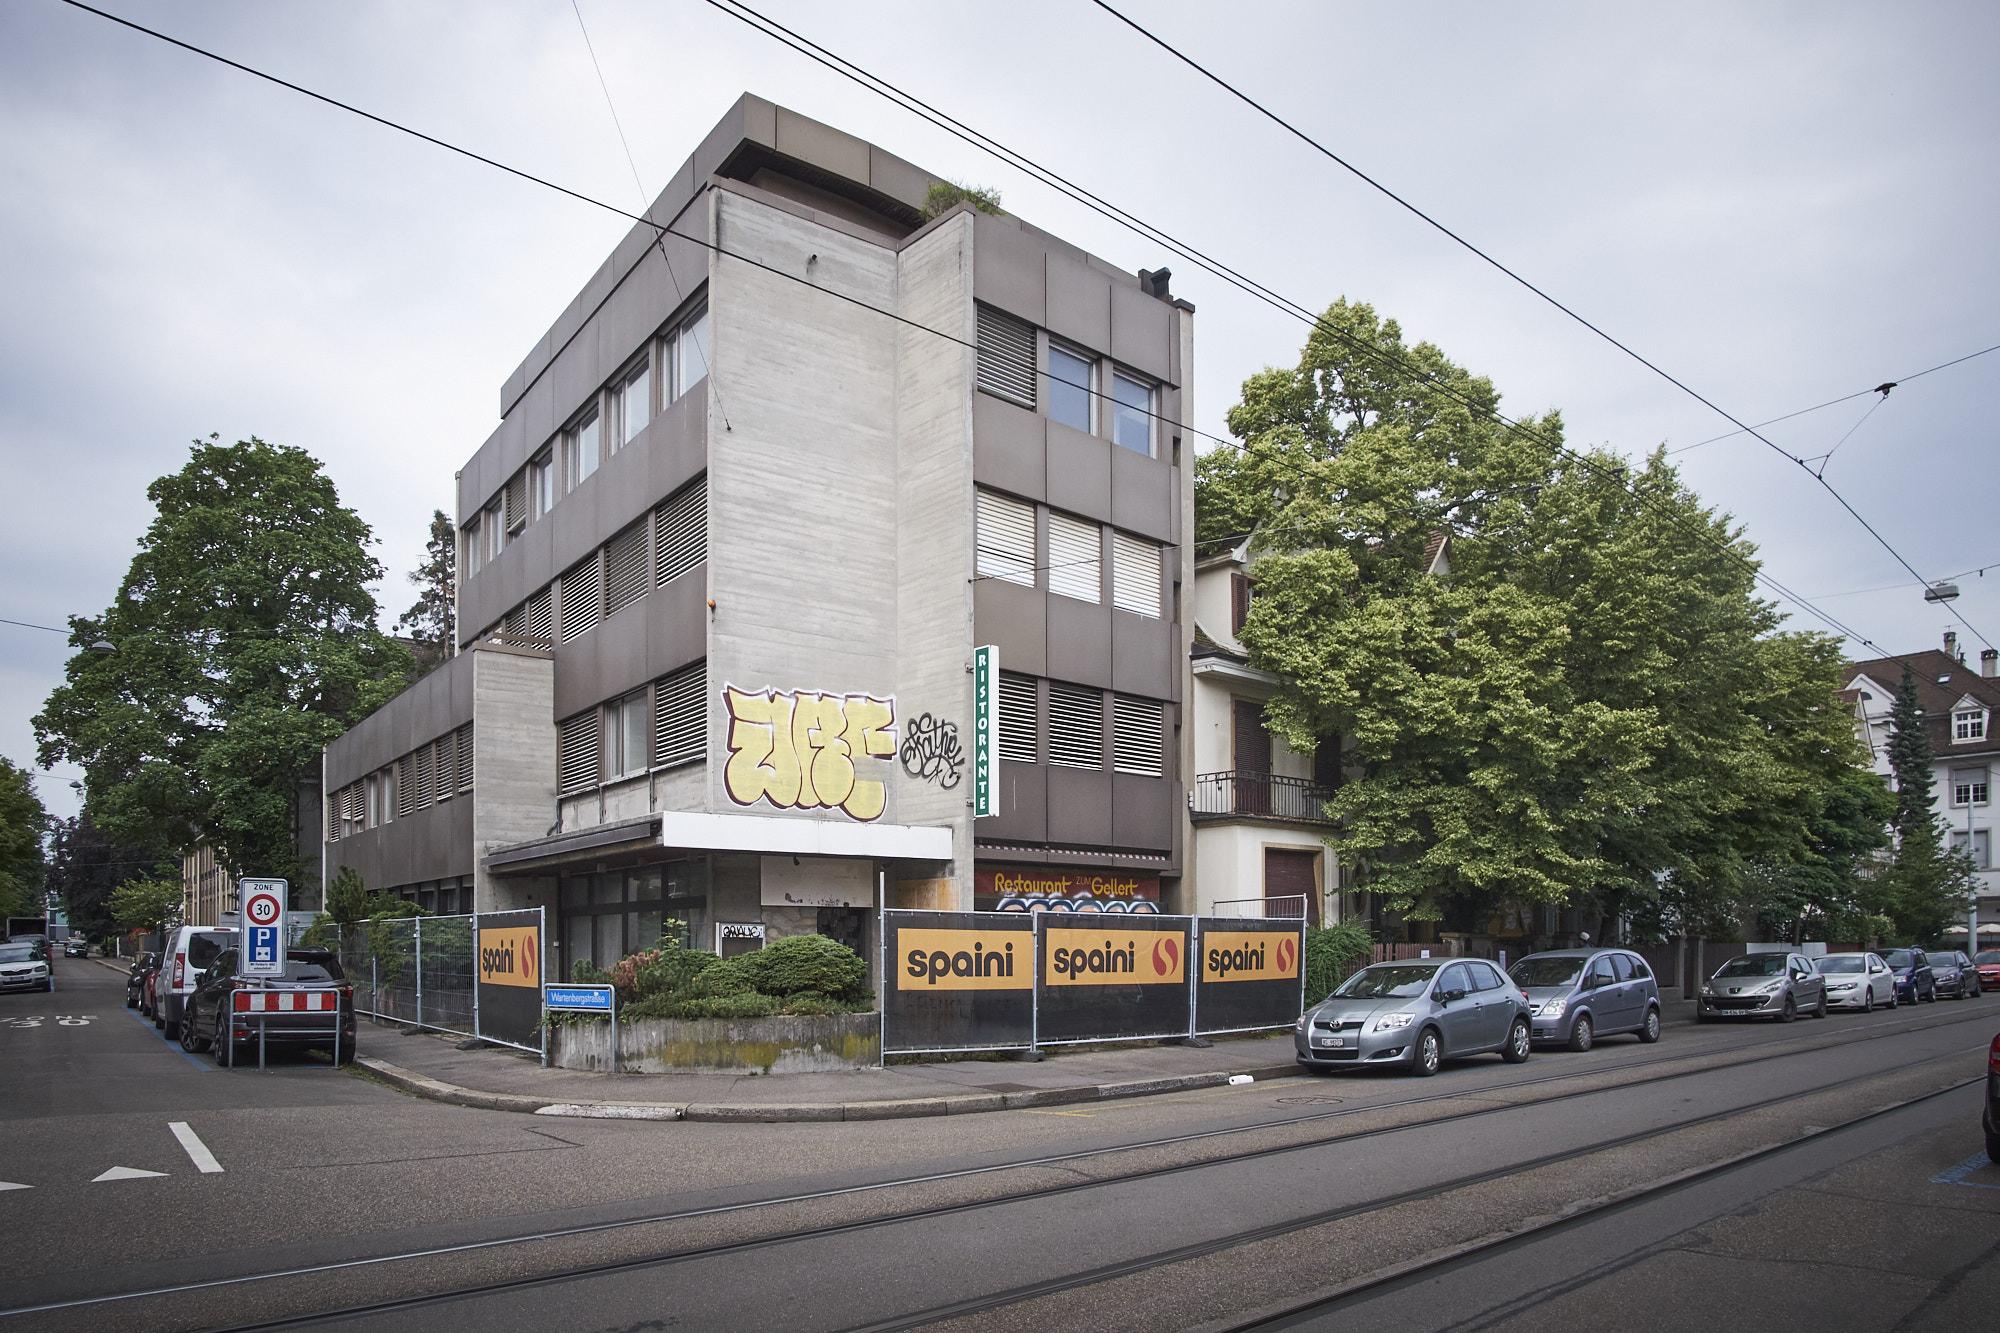 Das Eckhaus, plus die Liegenschaften daneben (Hardstrasse 112-116) sollen seit Mittwoch, 6. Juni wieder besetzt sein.